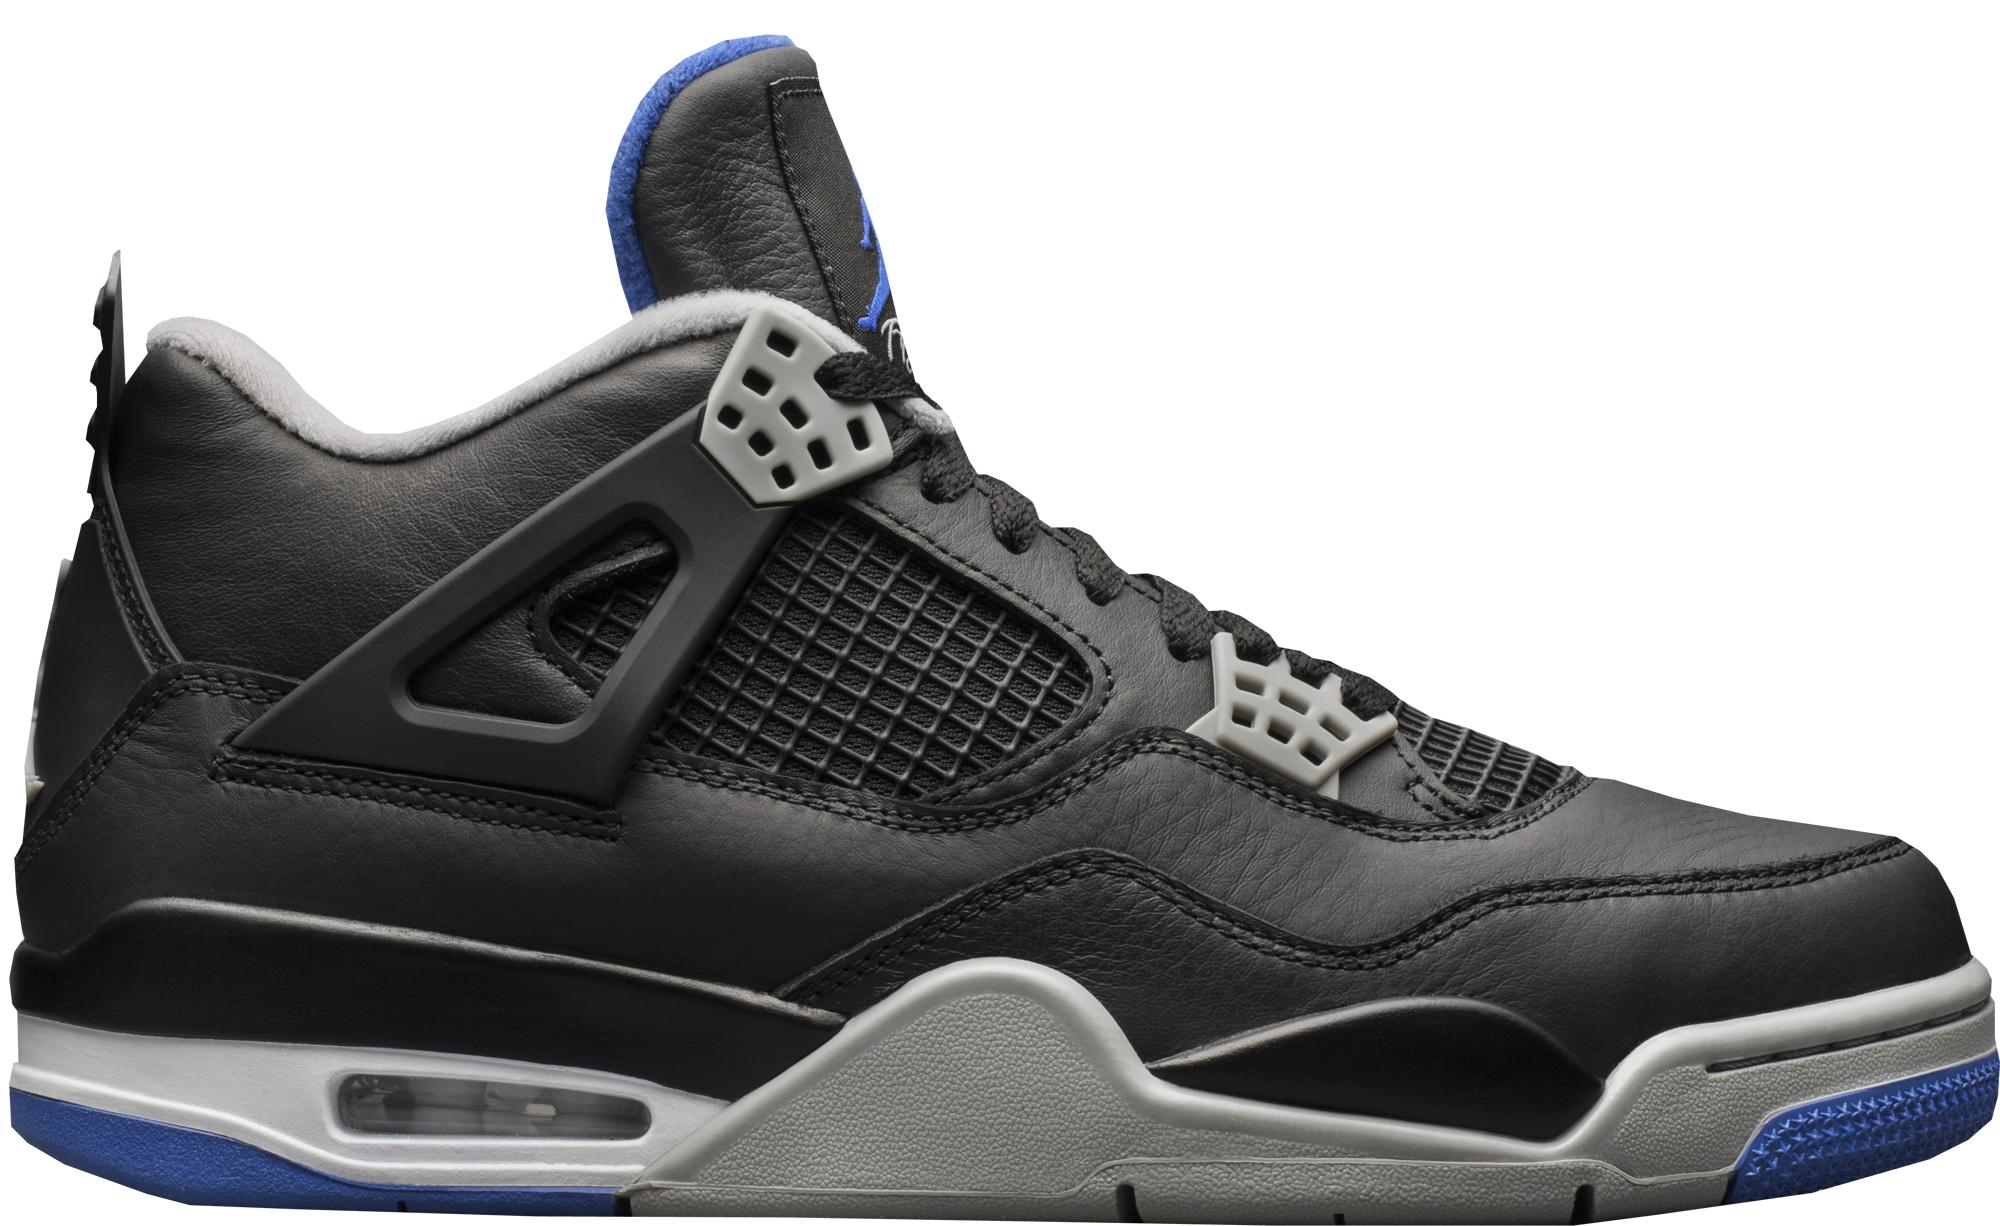 check out 2b837 c9f94 jordan 12 cny fake cheap jordan 21 shoes